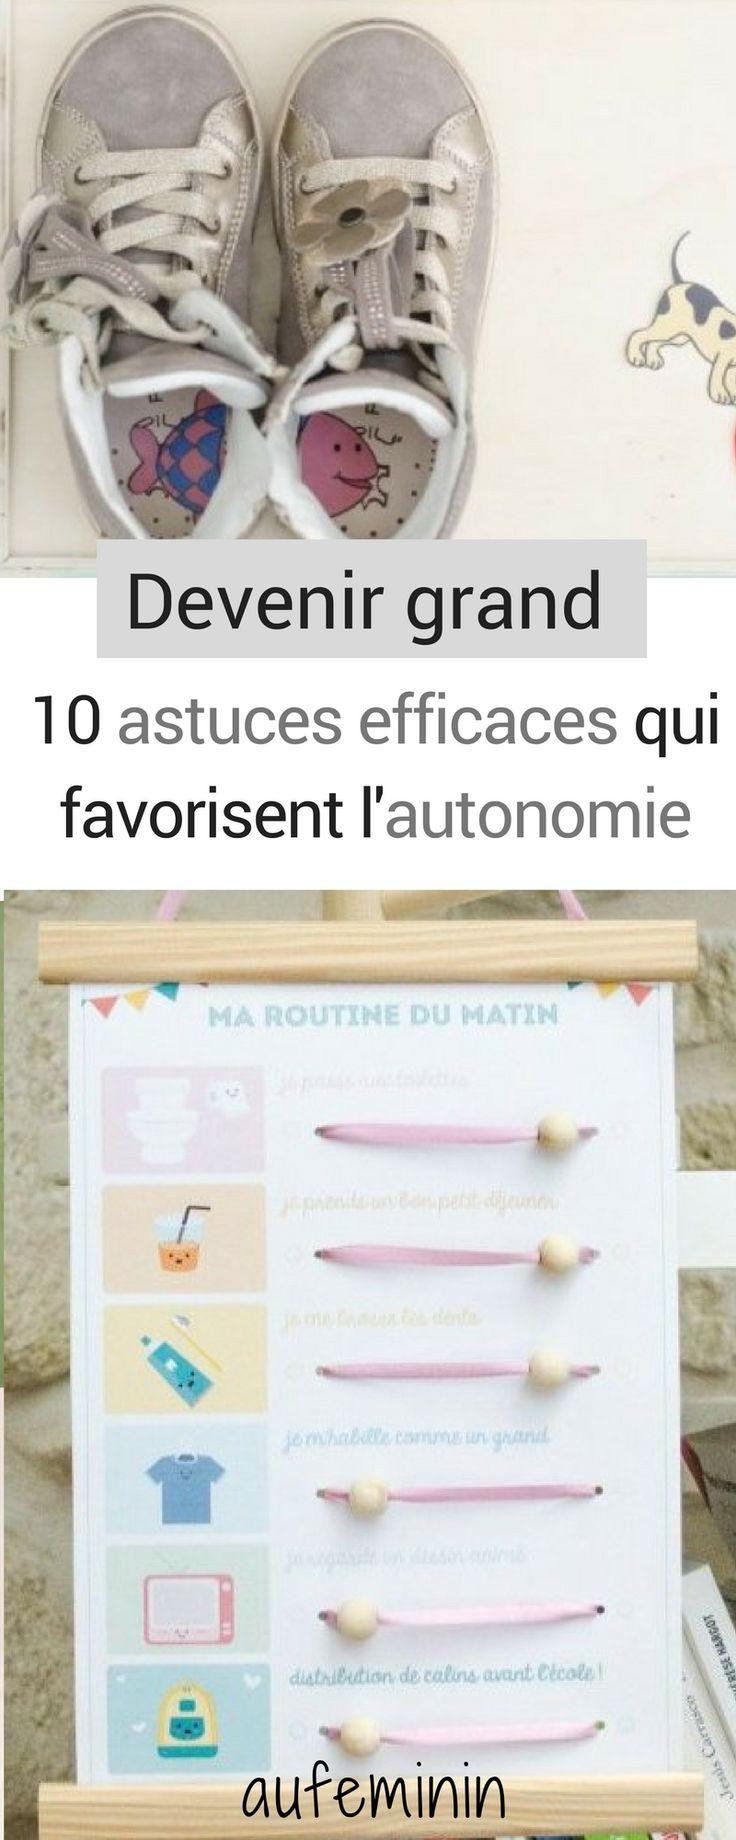 10 astuces efficaces qui favorisent l'autonomie de bébé. Ainsi, bébé devient un enfant petit à petit. #autonomie #autonome #bébé #enfant #astuce #lacets #repas #habits #routine #maman #matin #soir #aufeminin